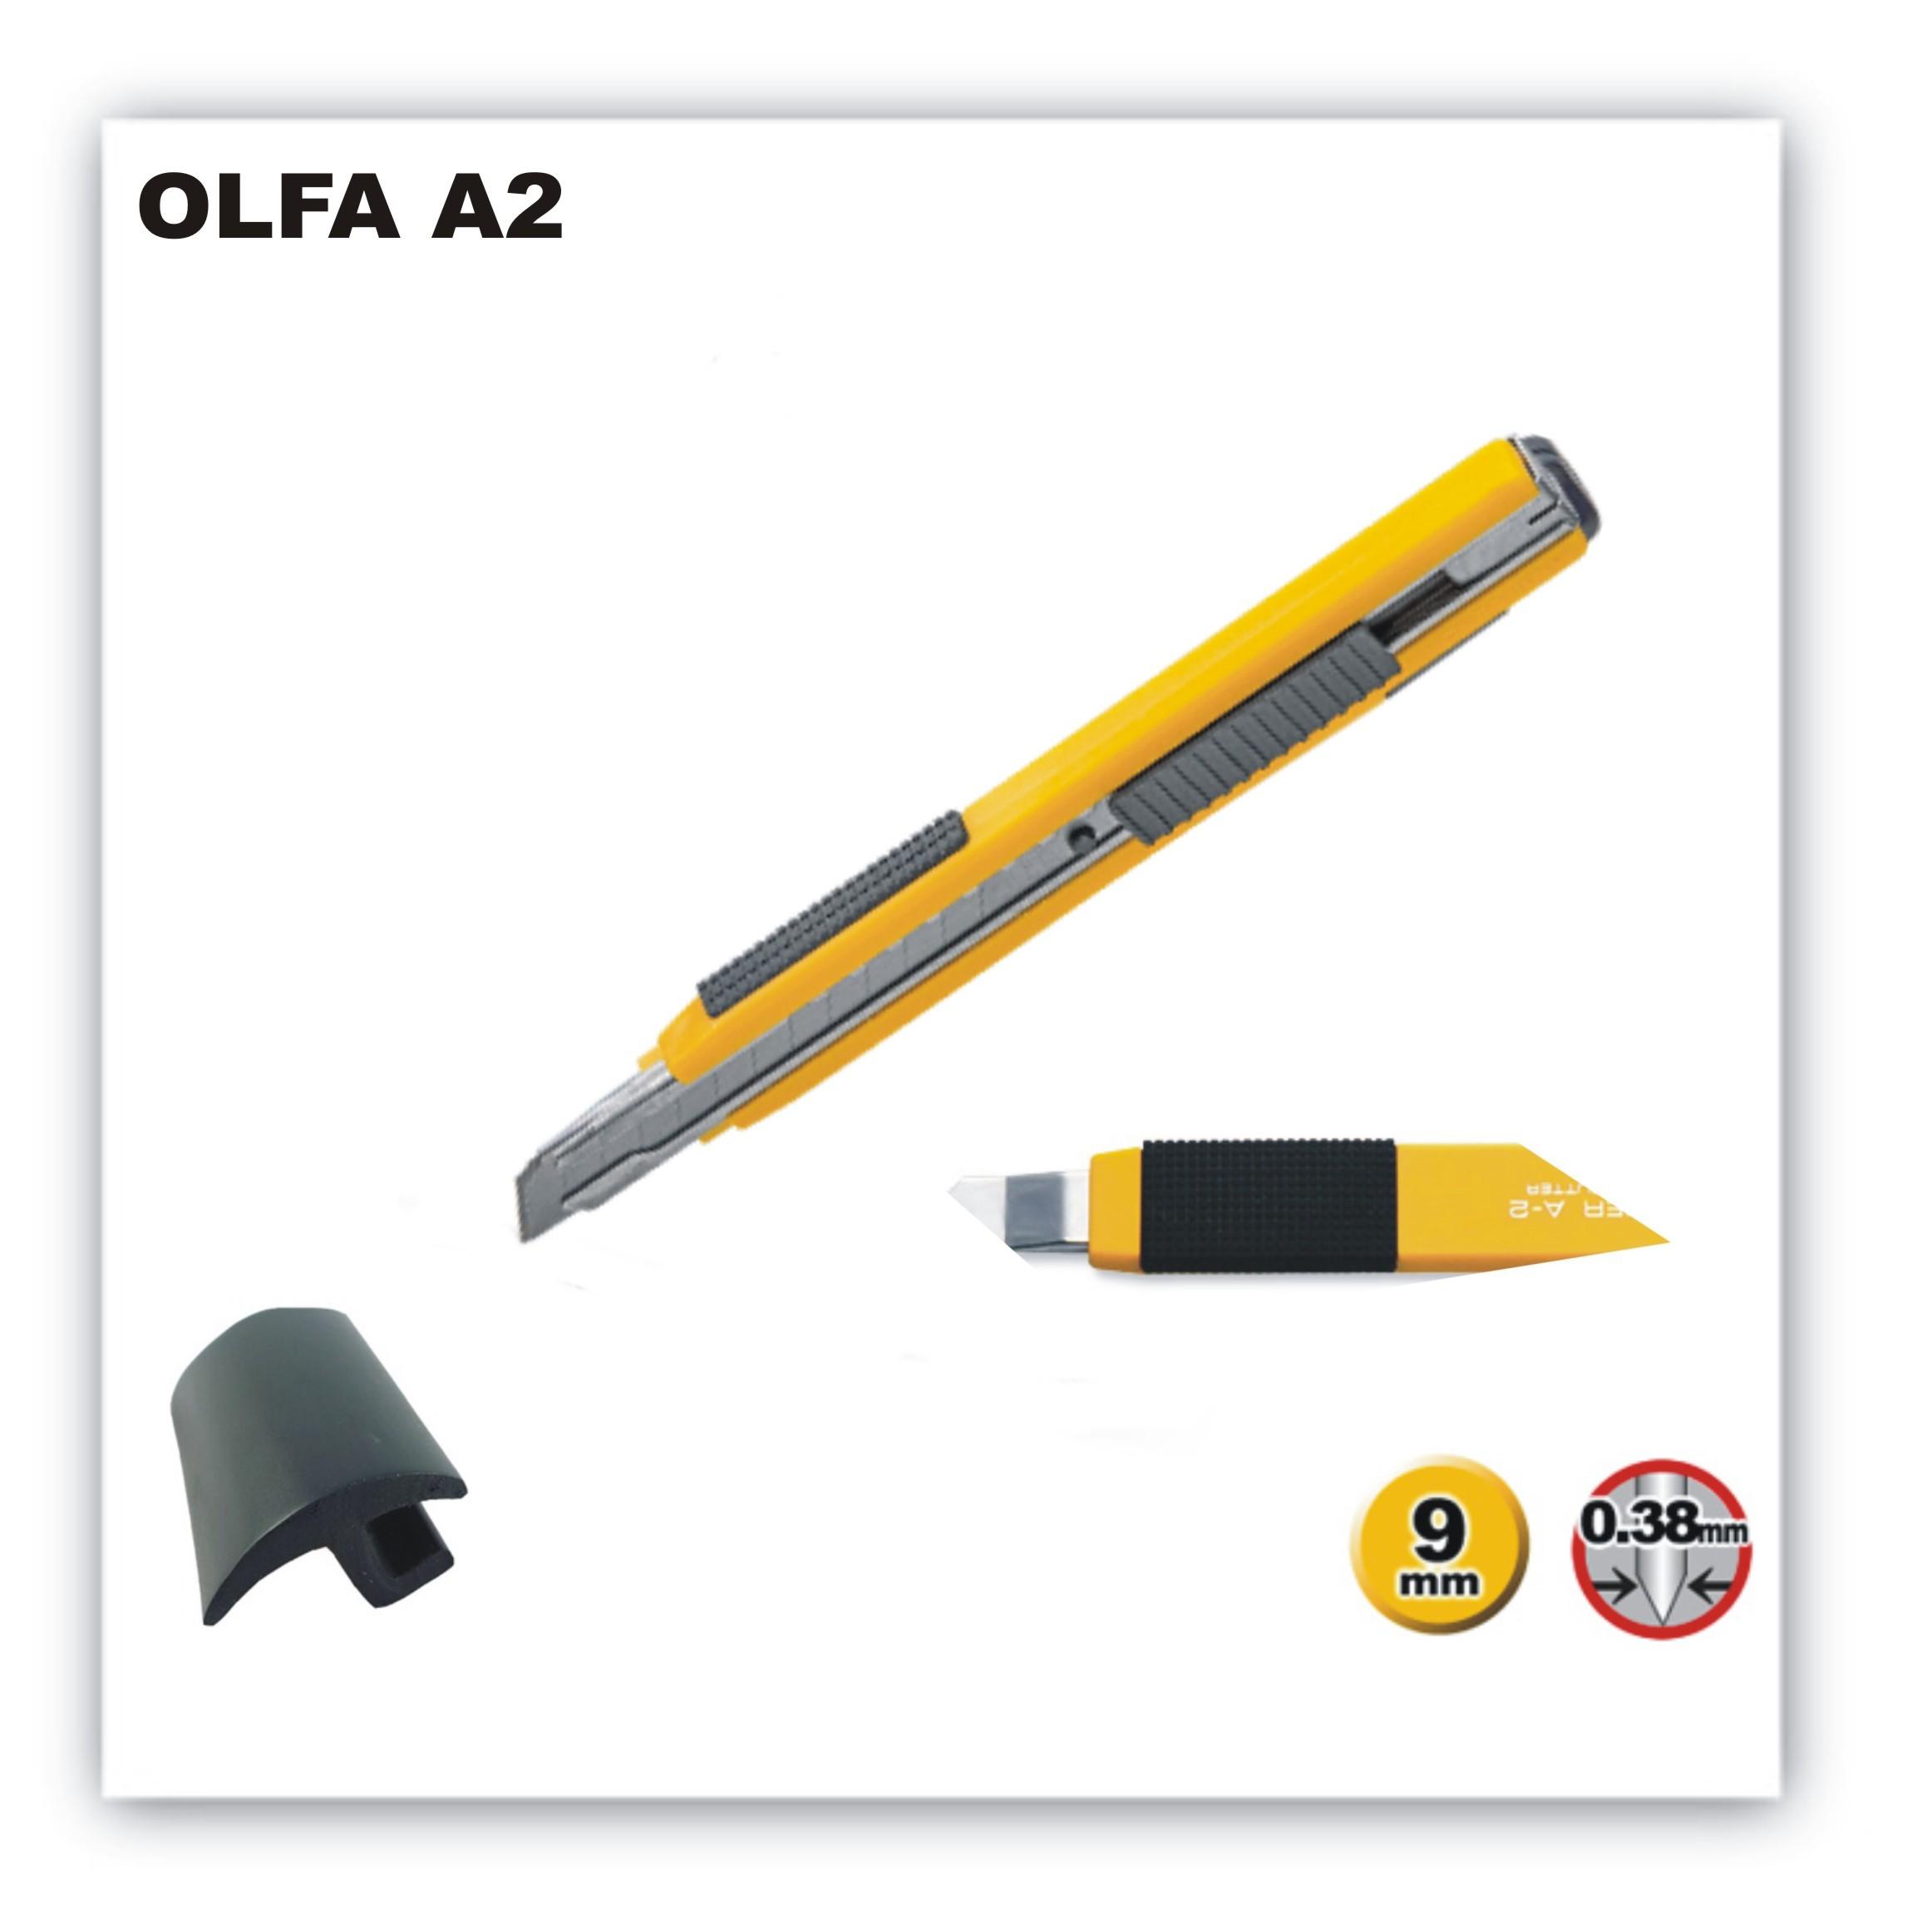 Standard Olfa kés - 9 mm ?OLFA A-2